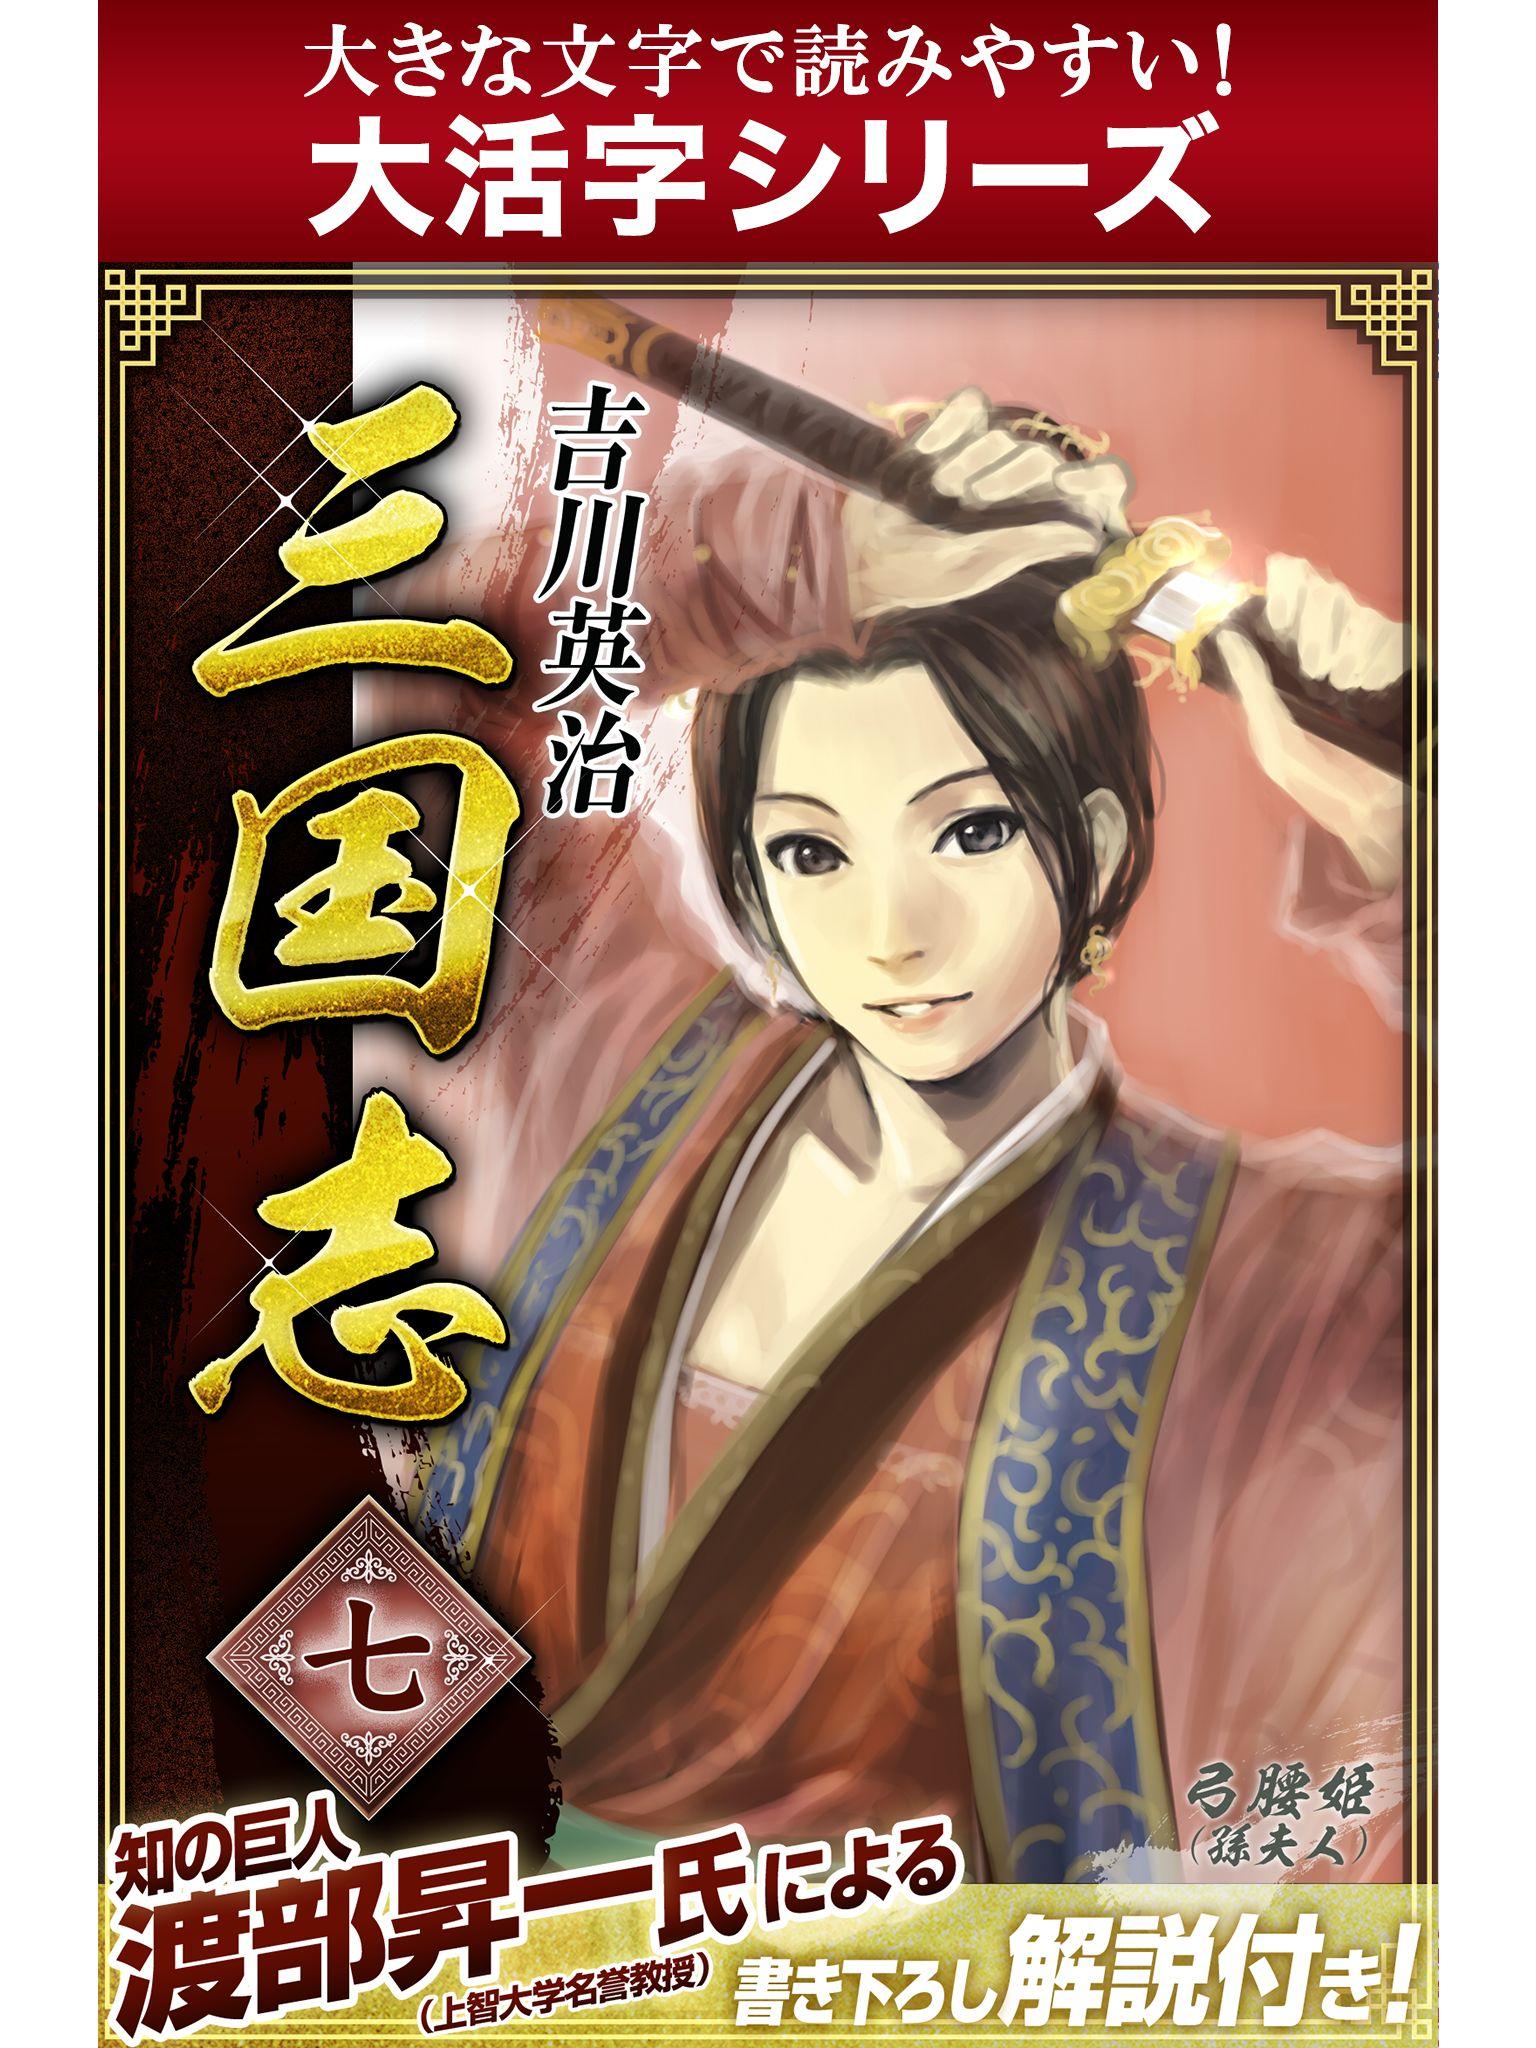 【大活字シリーズ】三国志 7巻